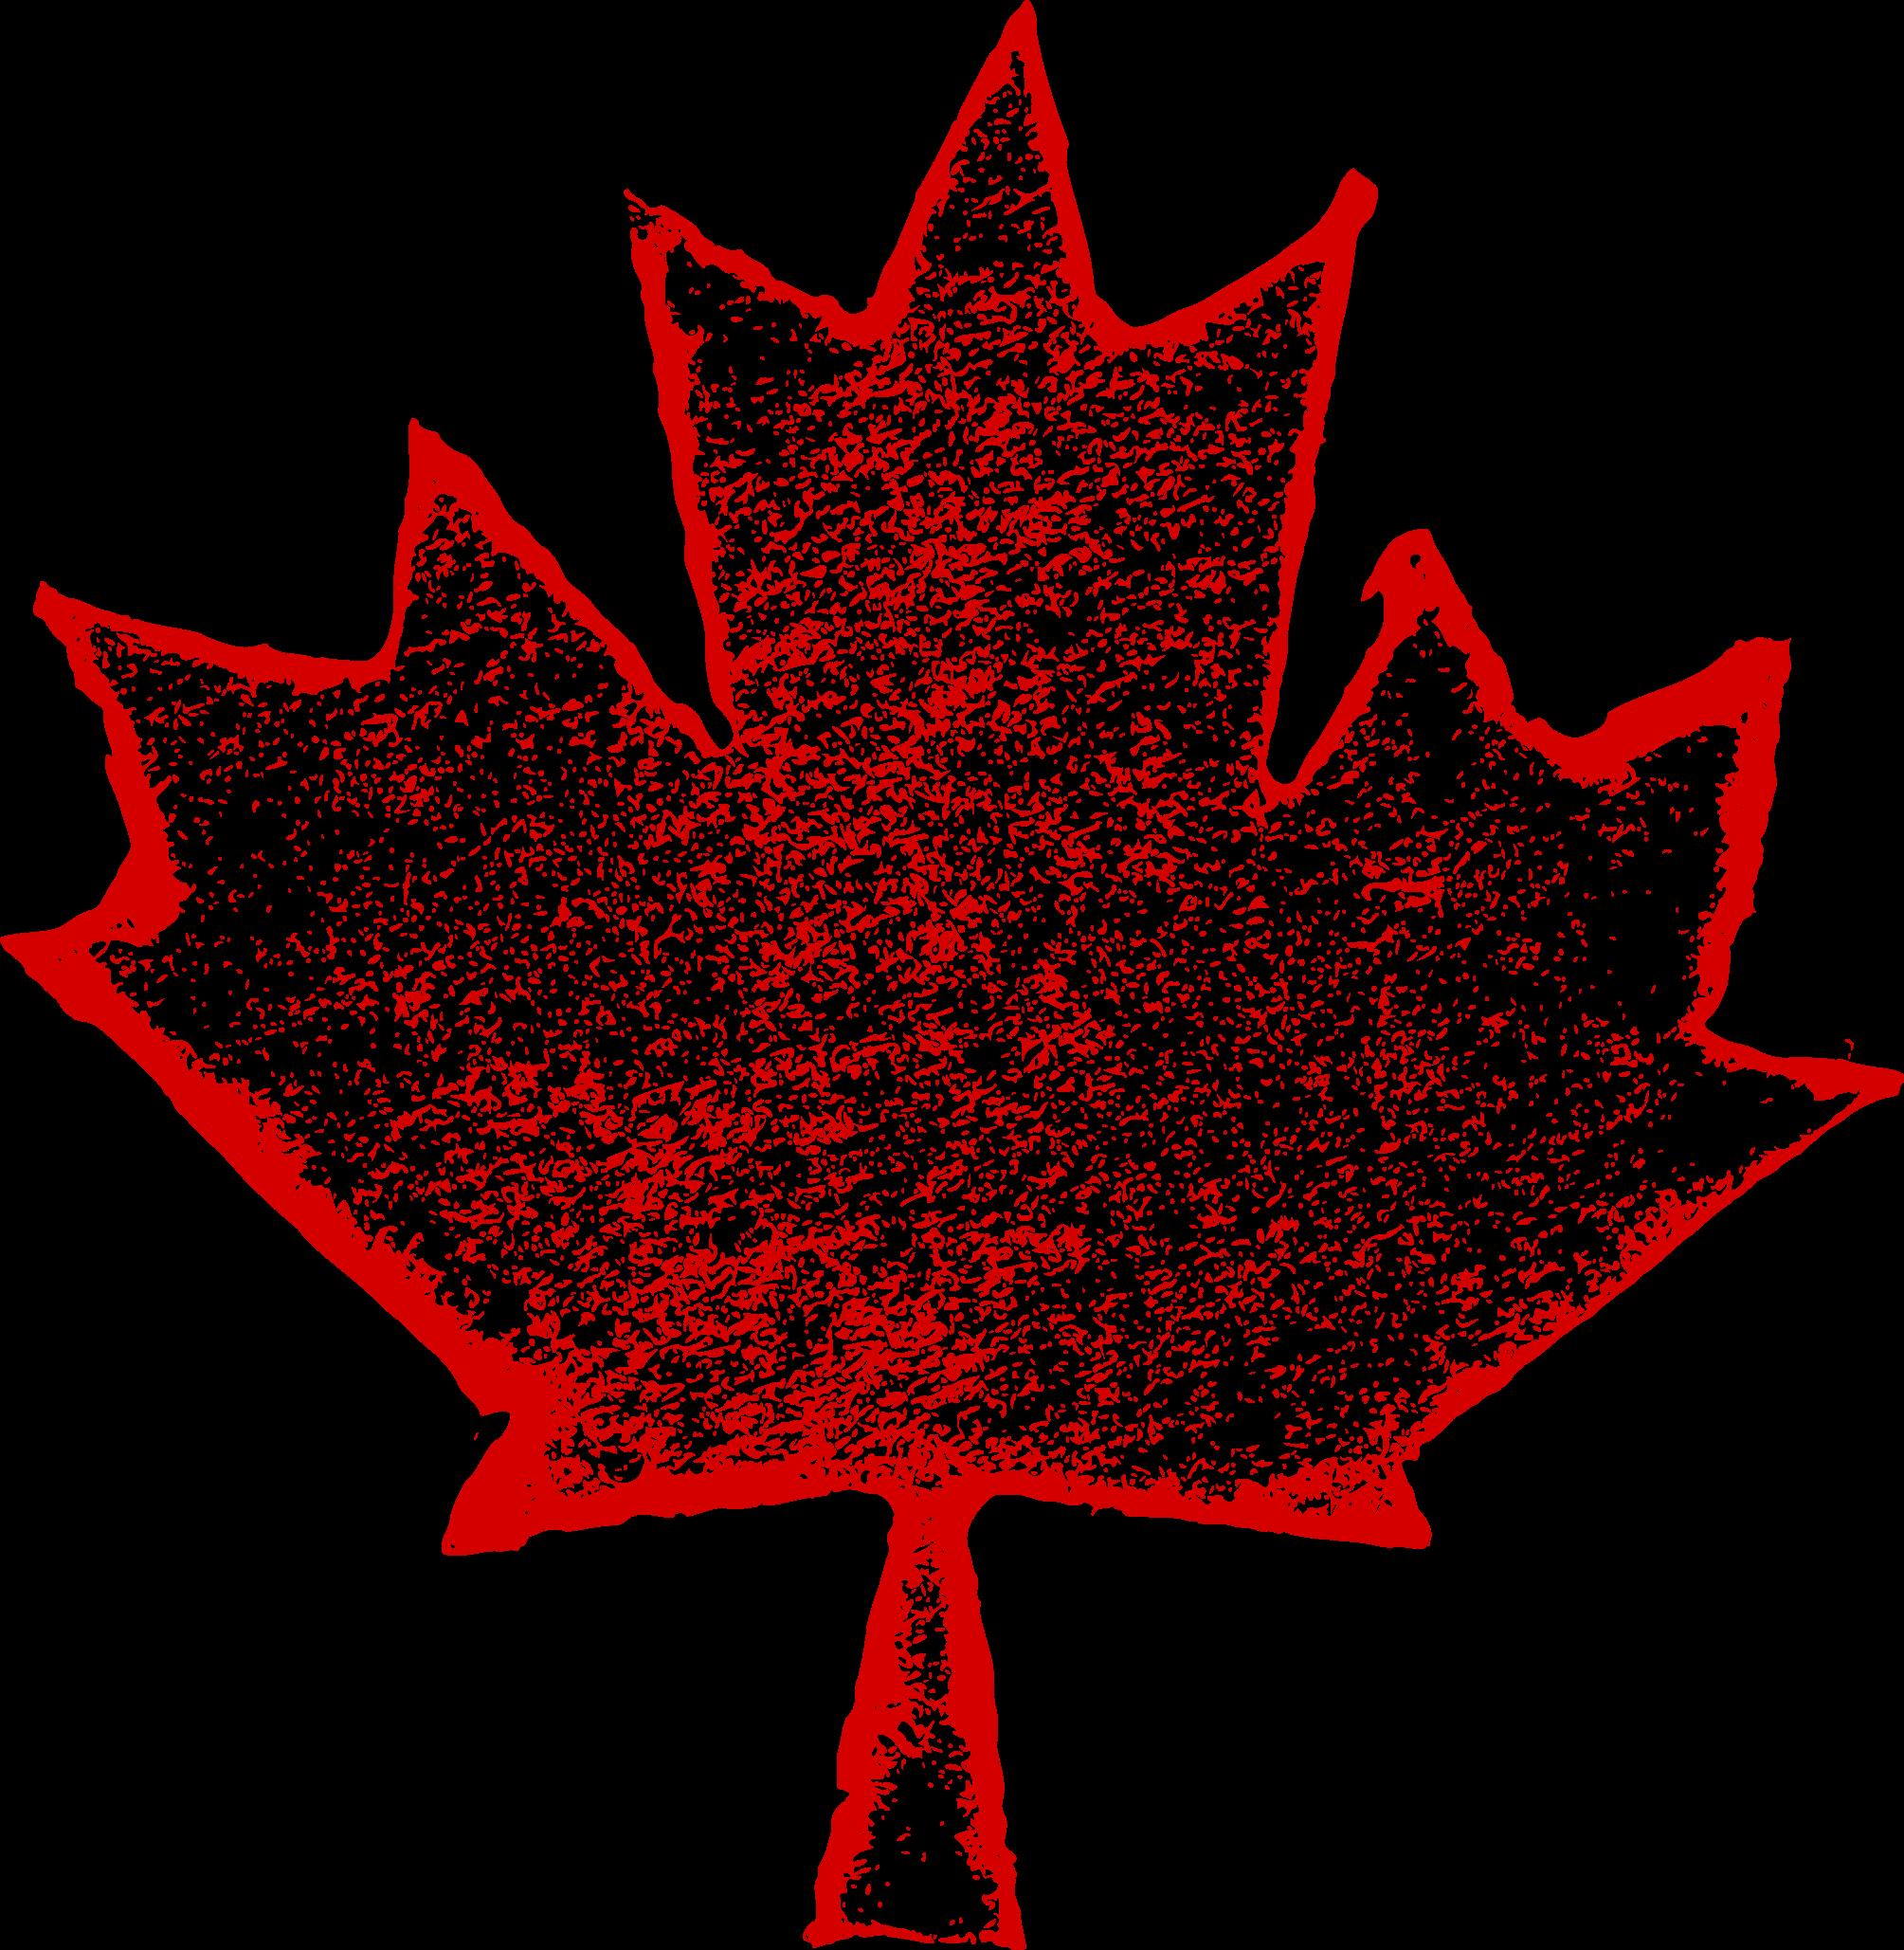 6 Grunge Maple Leaf Png Transparent Onlygfx Com